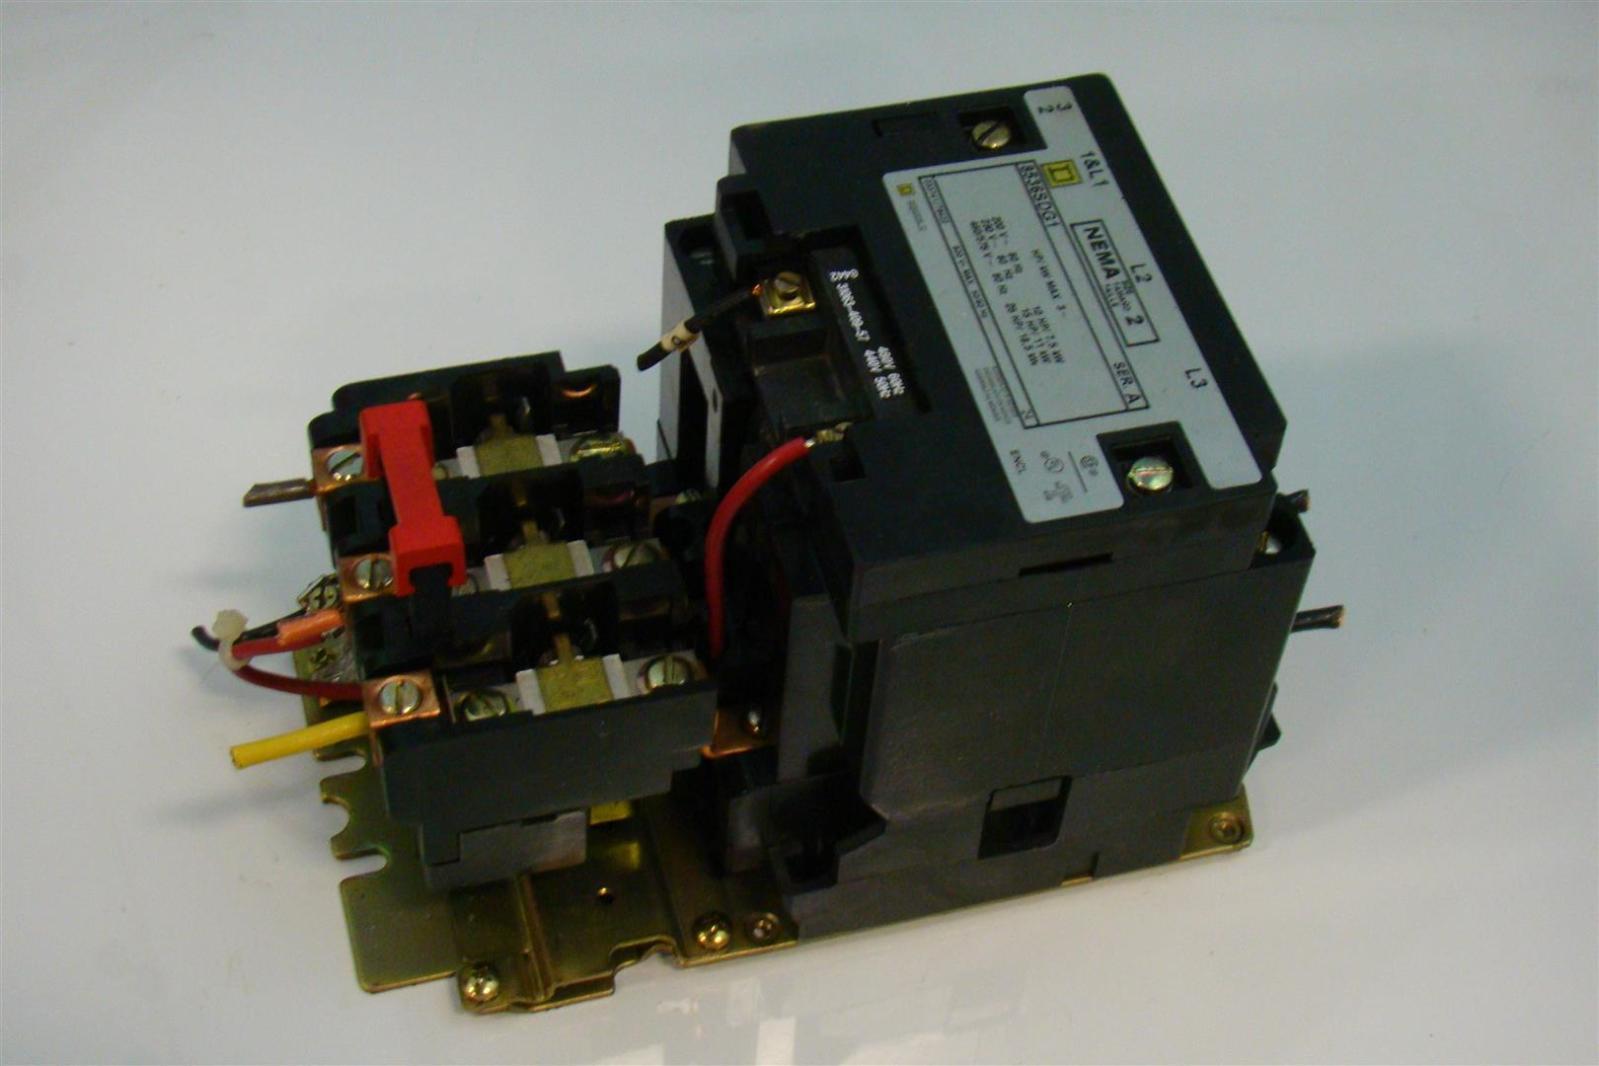 Square d motor starter size 2 230 460 575v 10hp 15hp 25hp for Square d motor starter